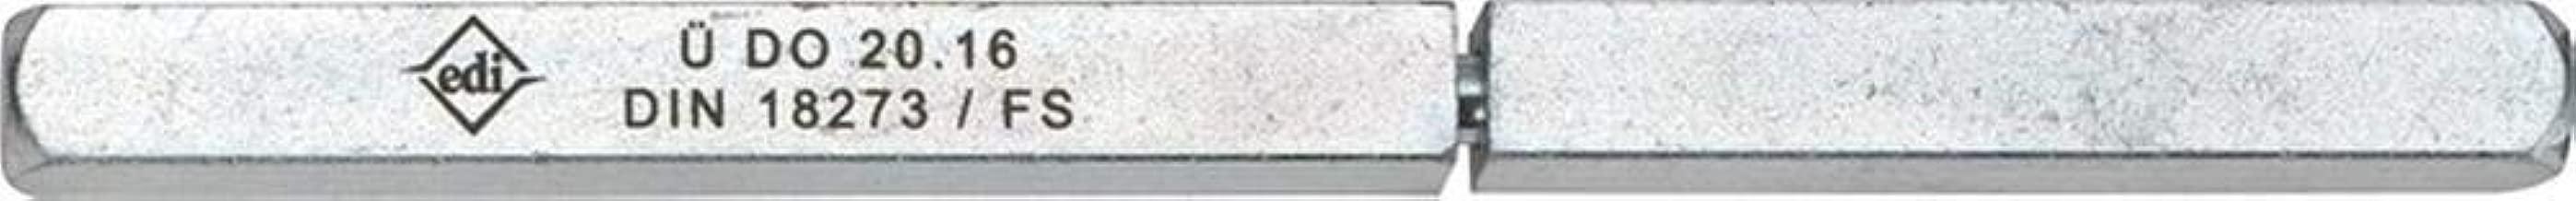 EDI Panikstift Typ Q Vierkant 9 mm 124 mm geteilter Vollstift